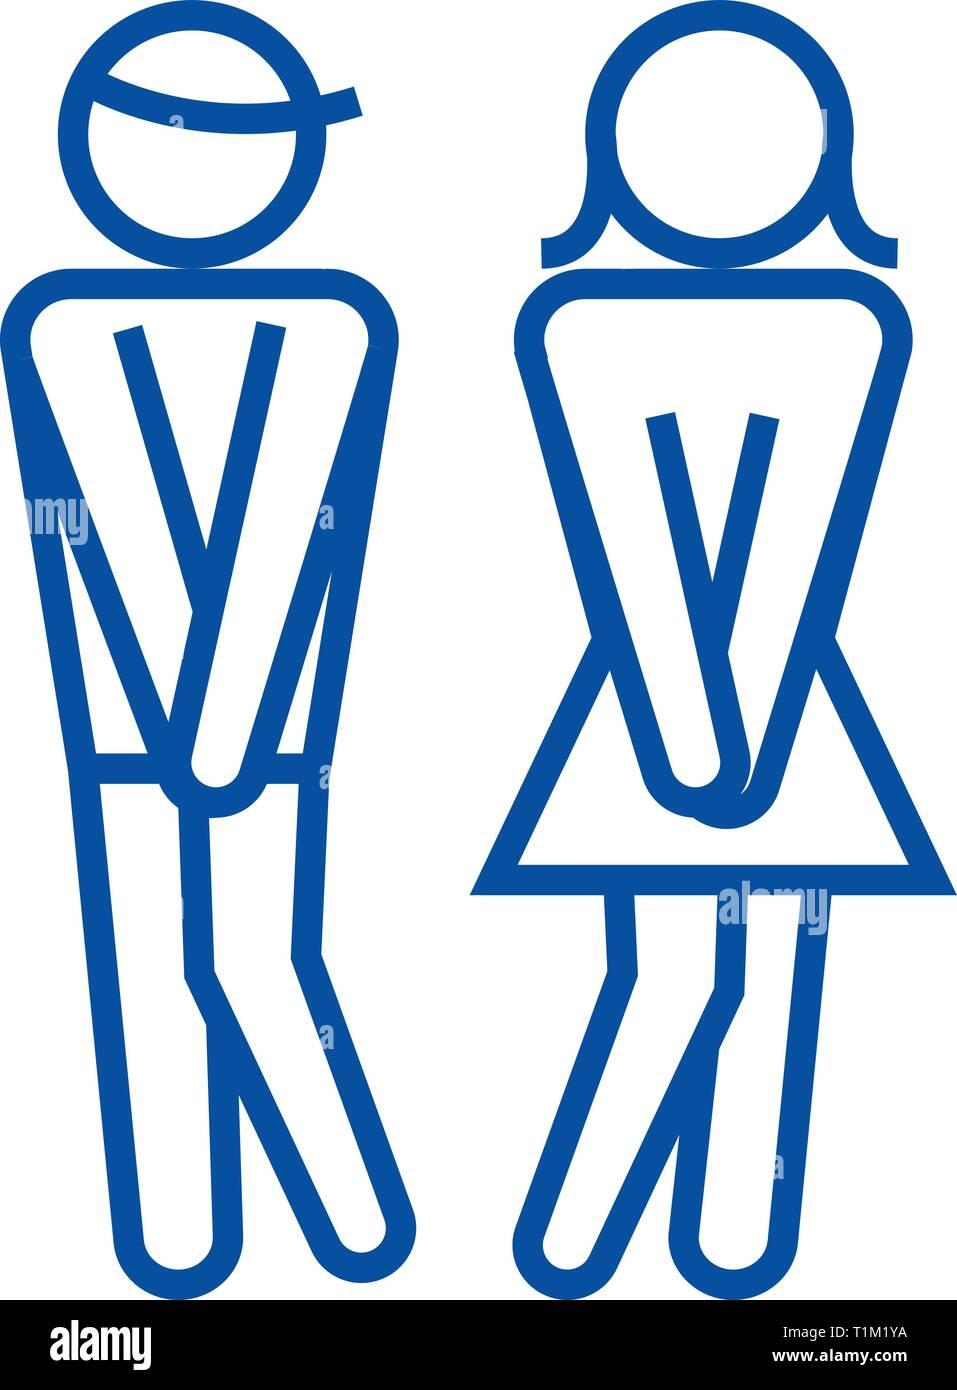 Mujer Hombre WC, WC line icono concepto. Mujer Hombre WC, WC vector plana símbolo, signo, esbozo de la ilustración. Imagen De Stock